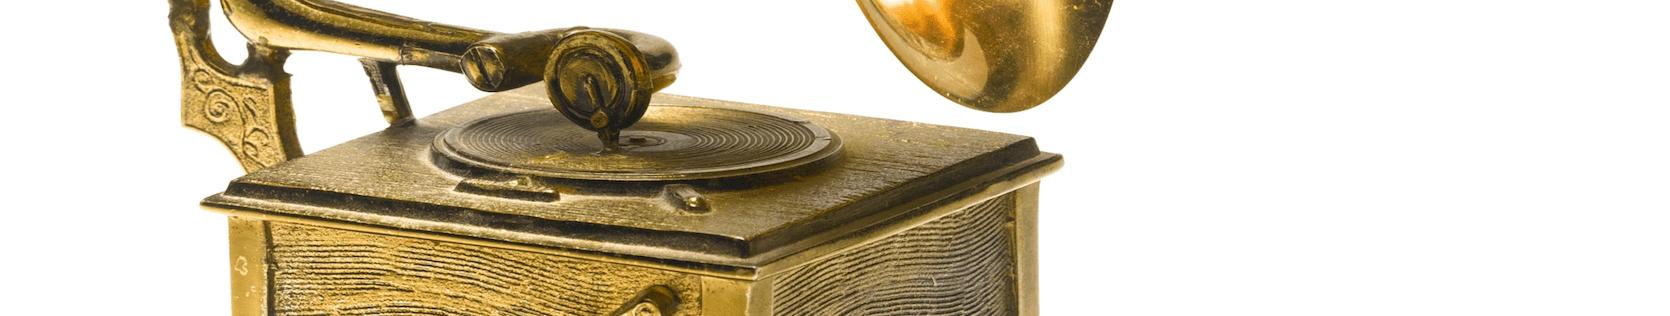 Антикварные граммофоны